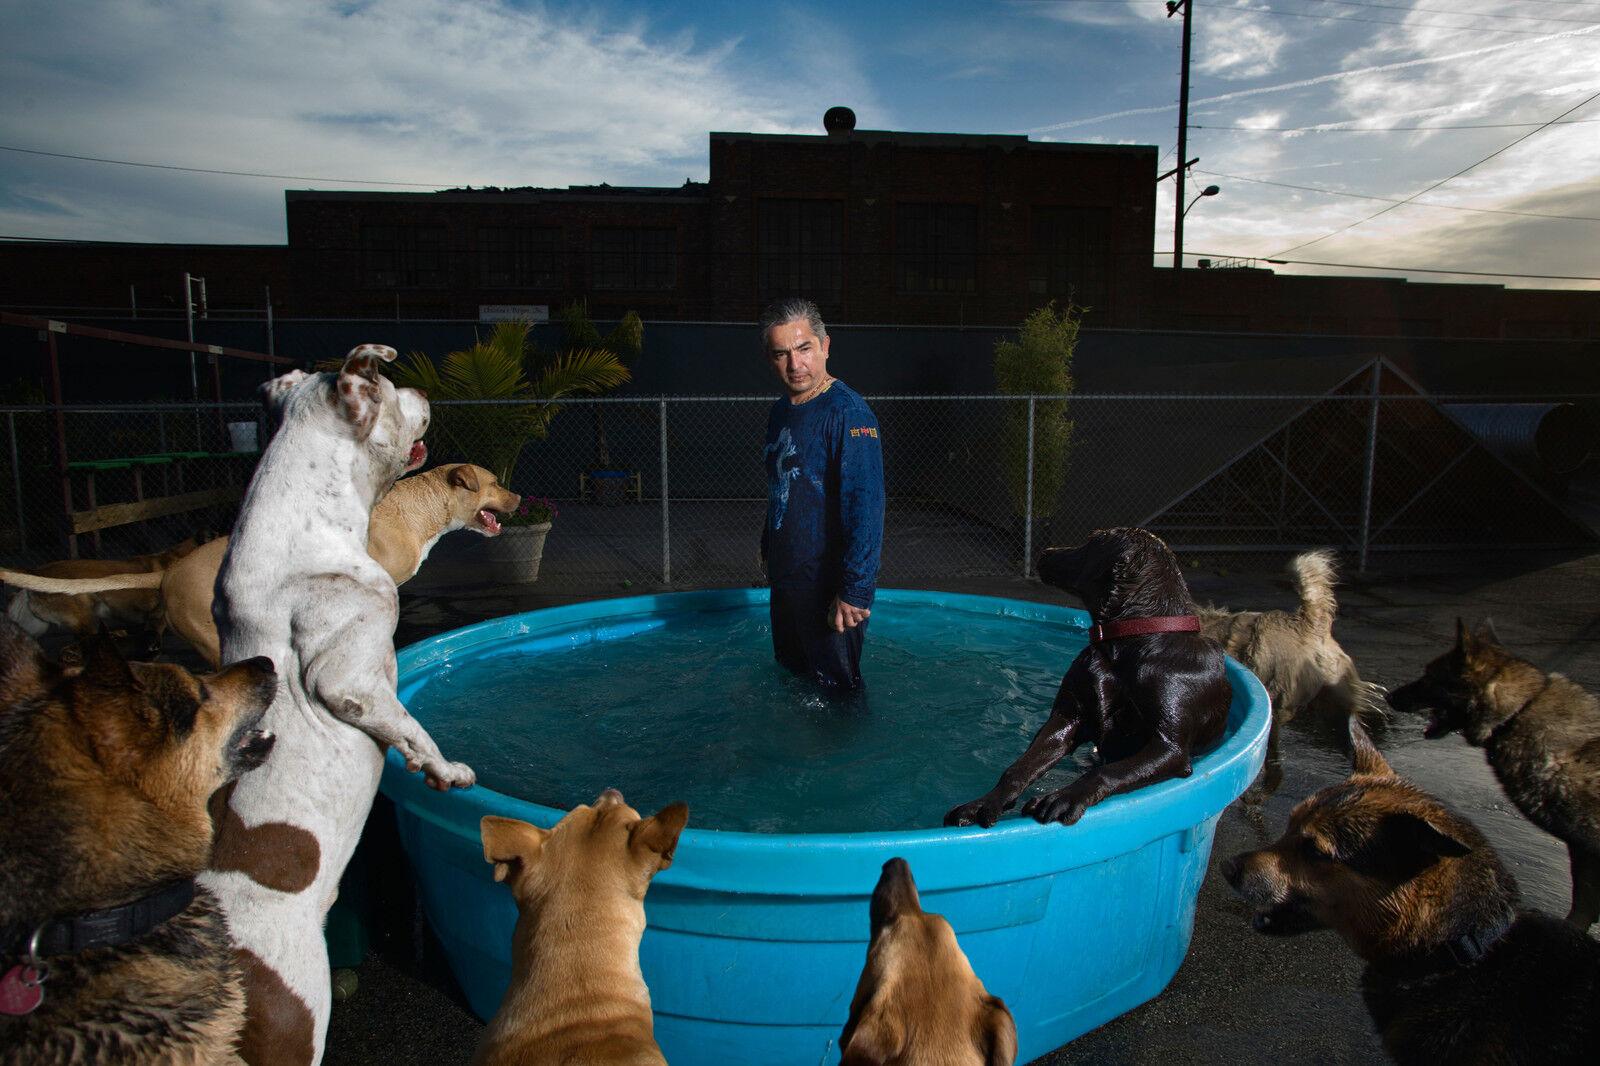 Cesar Millan - The Dog Whisperer tickets - The Dog Whisperer Tour ...